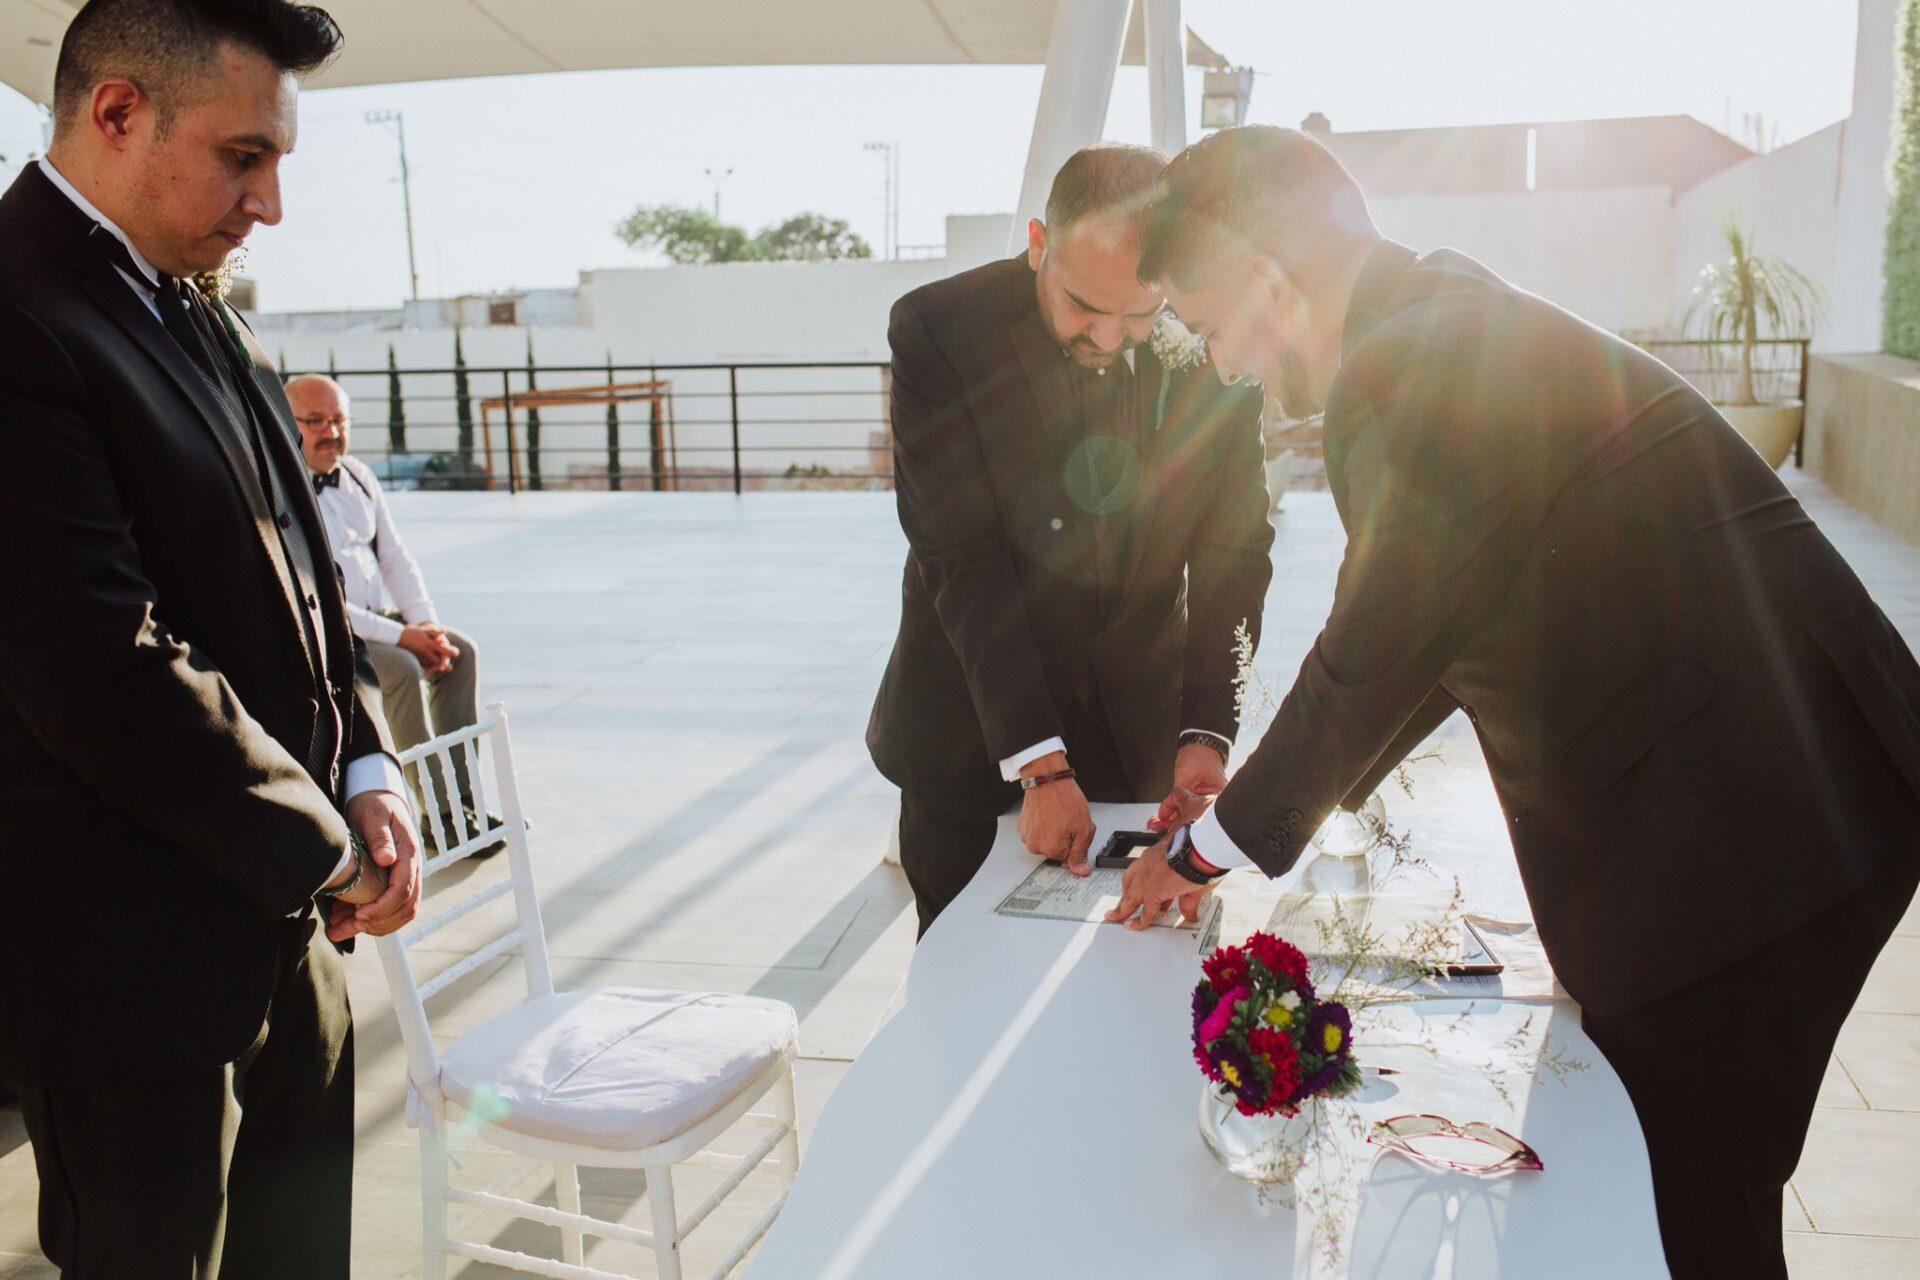 javier_noriega_fotografo_bodas_alicia_garden_zacatecas_wedding_photographer15